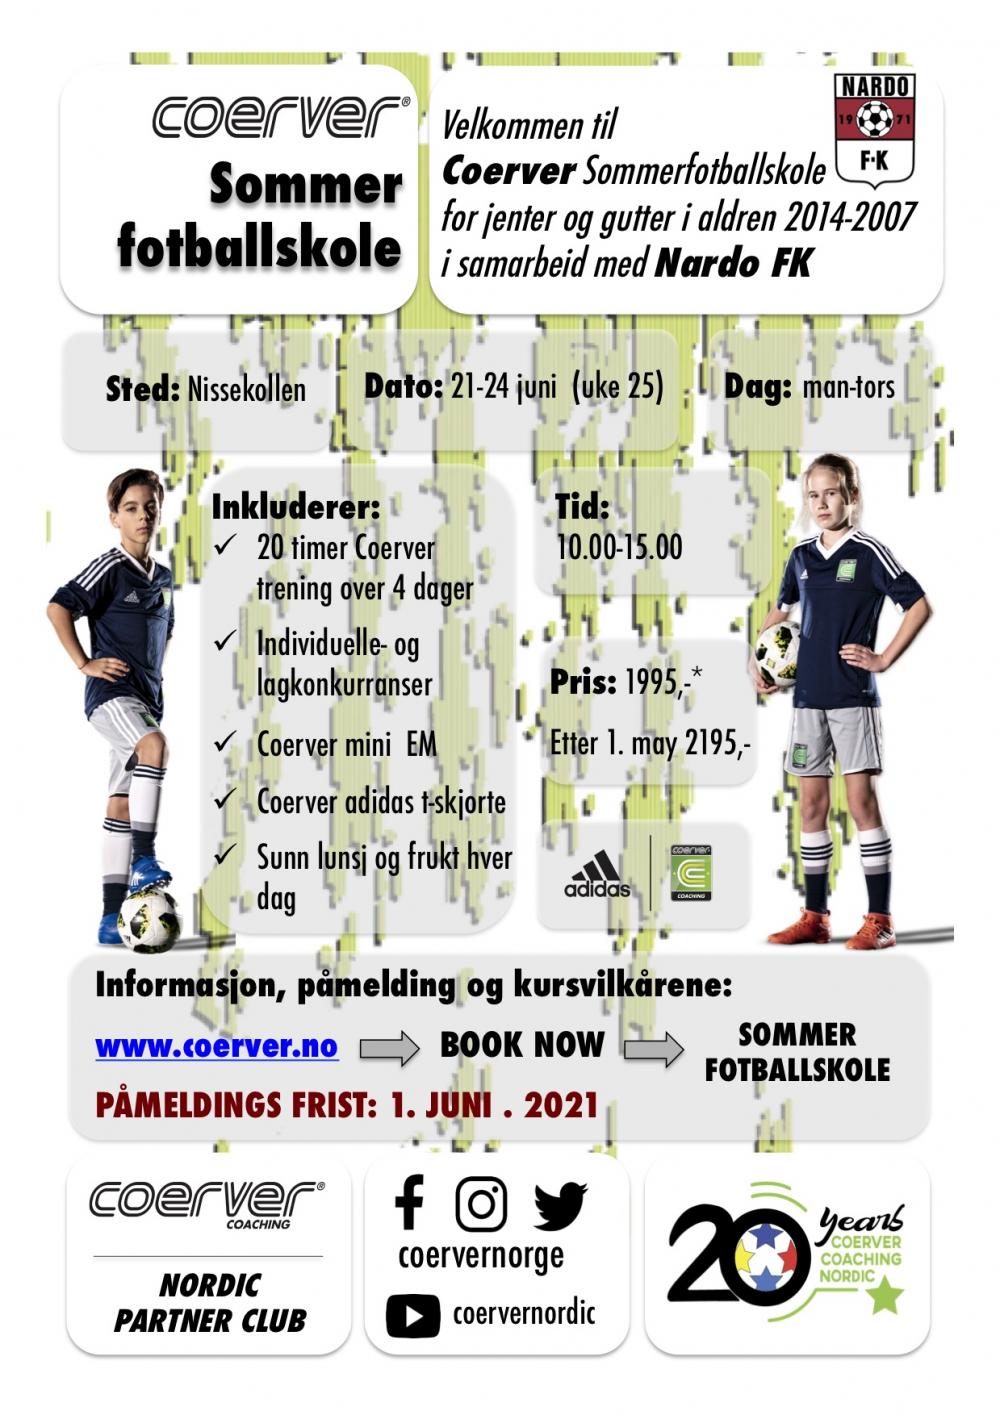 Coerver Sommerfotballskole hos Nardo FK  2021 (uke 25)